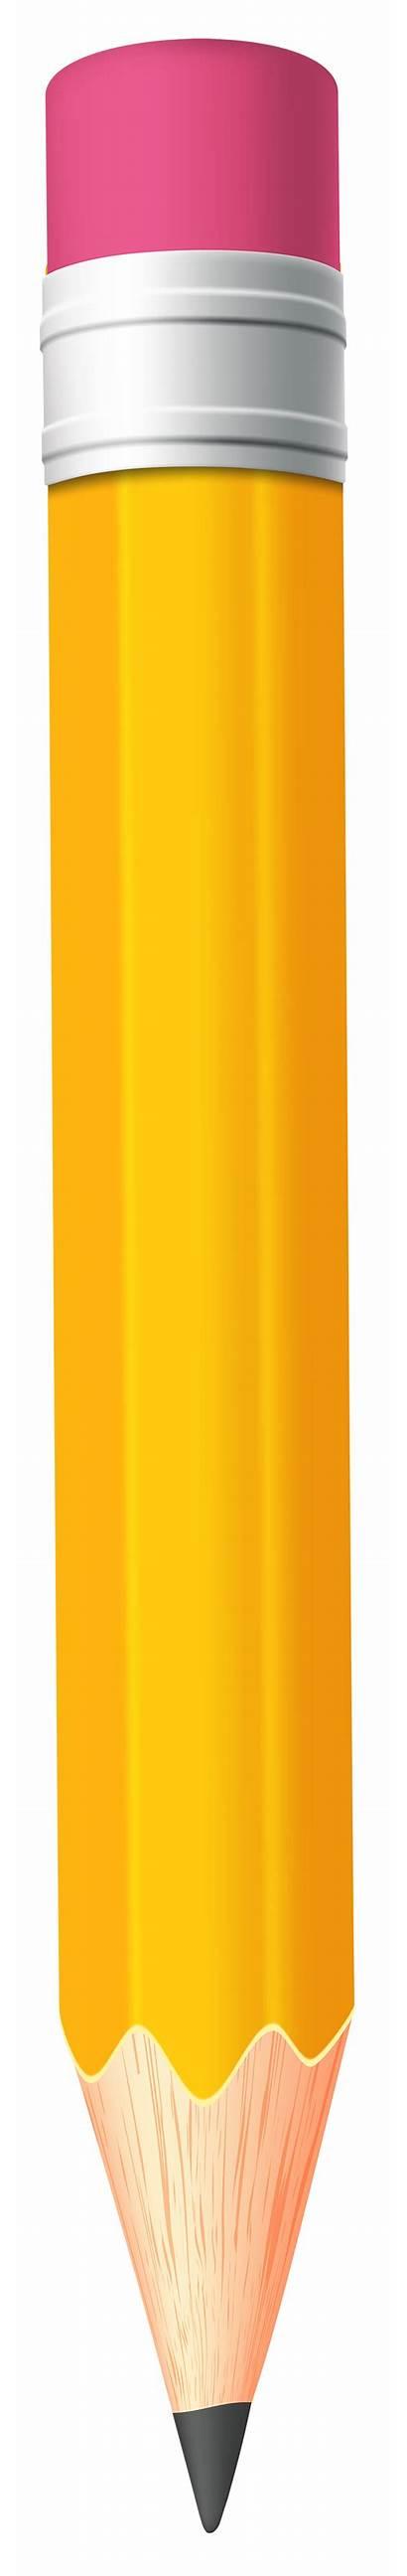 Pencil Clip Clipart Transparent Yopriceville